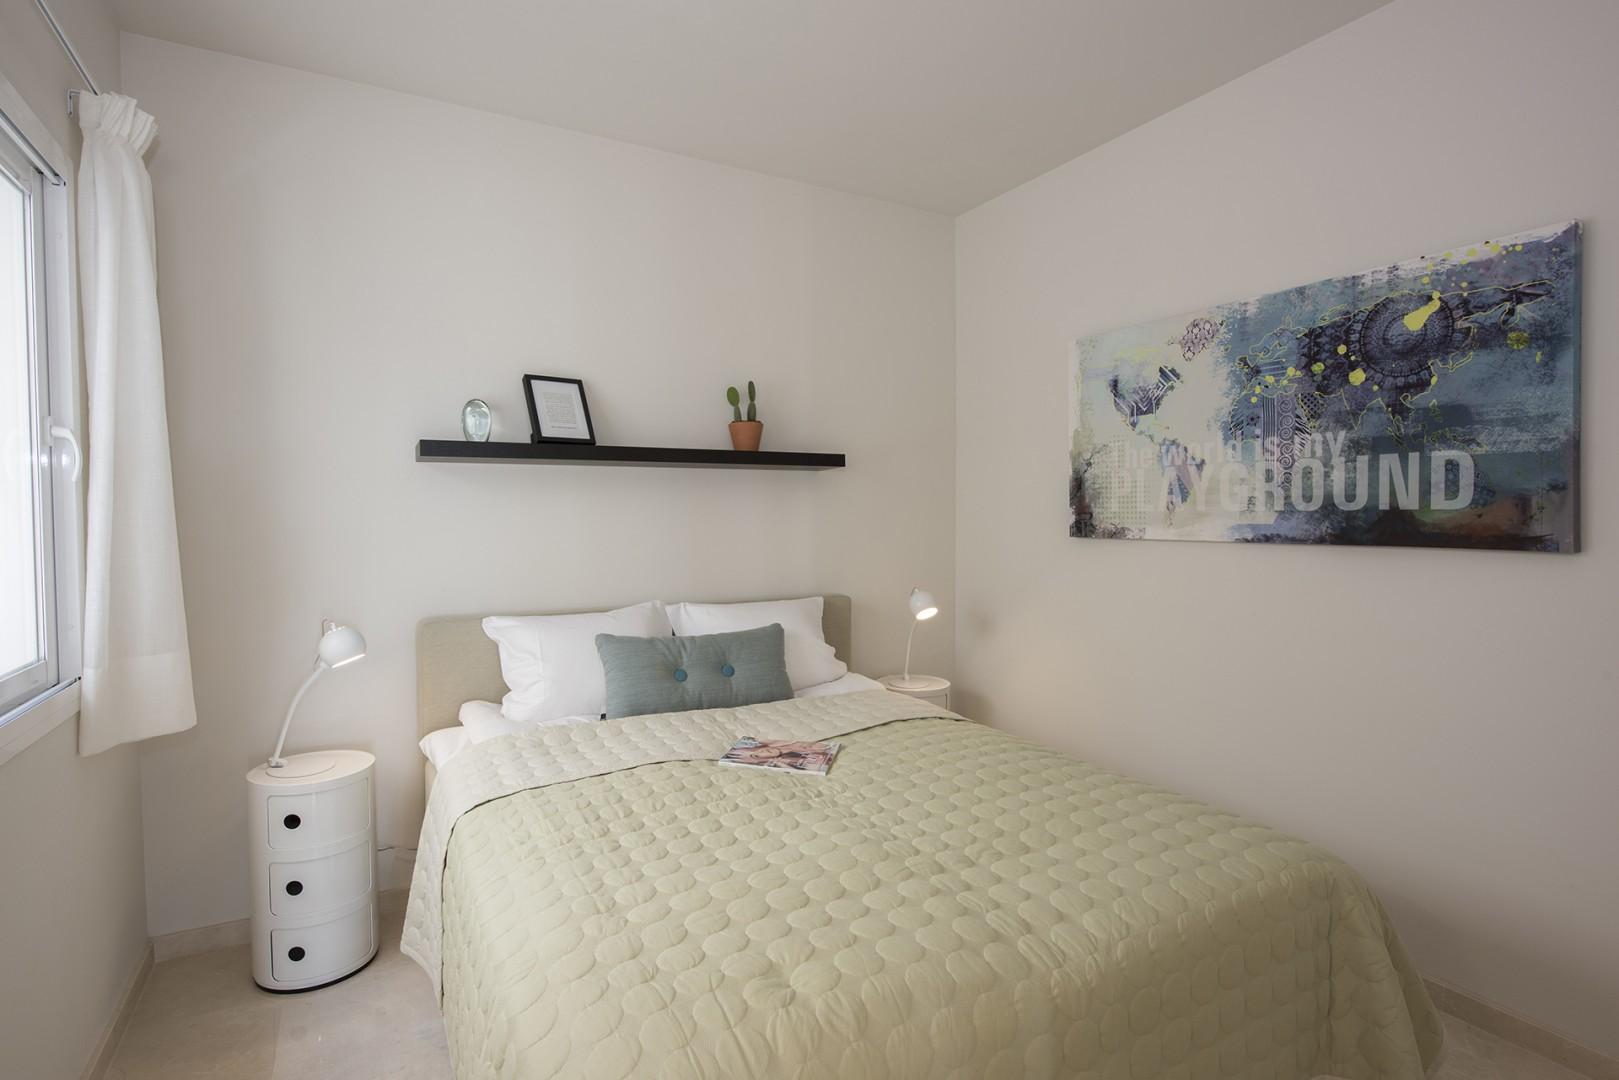 Nieuwe appartementen casares estepona west spanje specials - Eigentijdse stijl slaapkamer ...